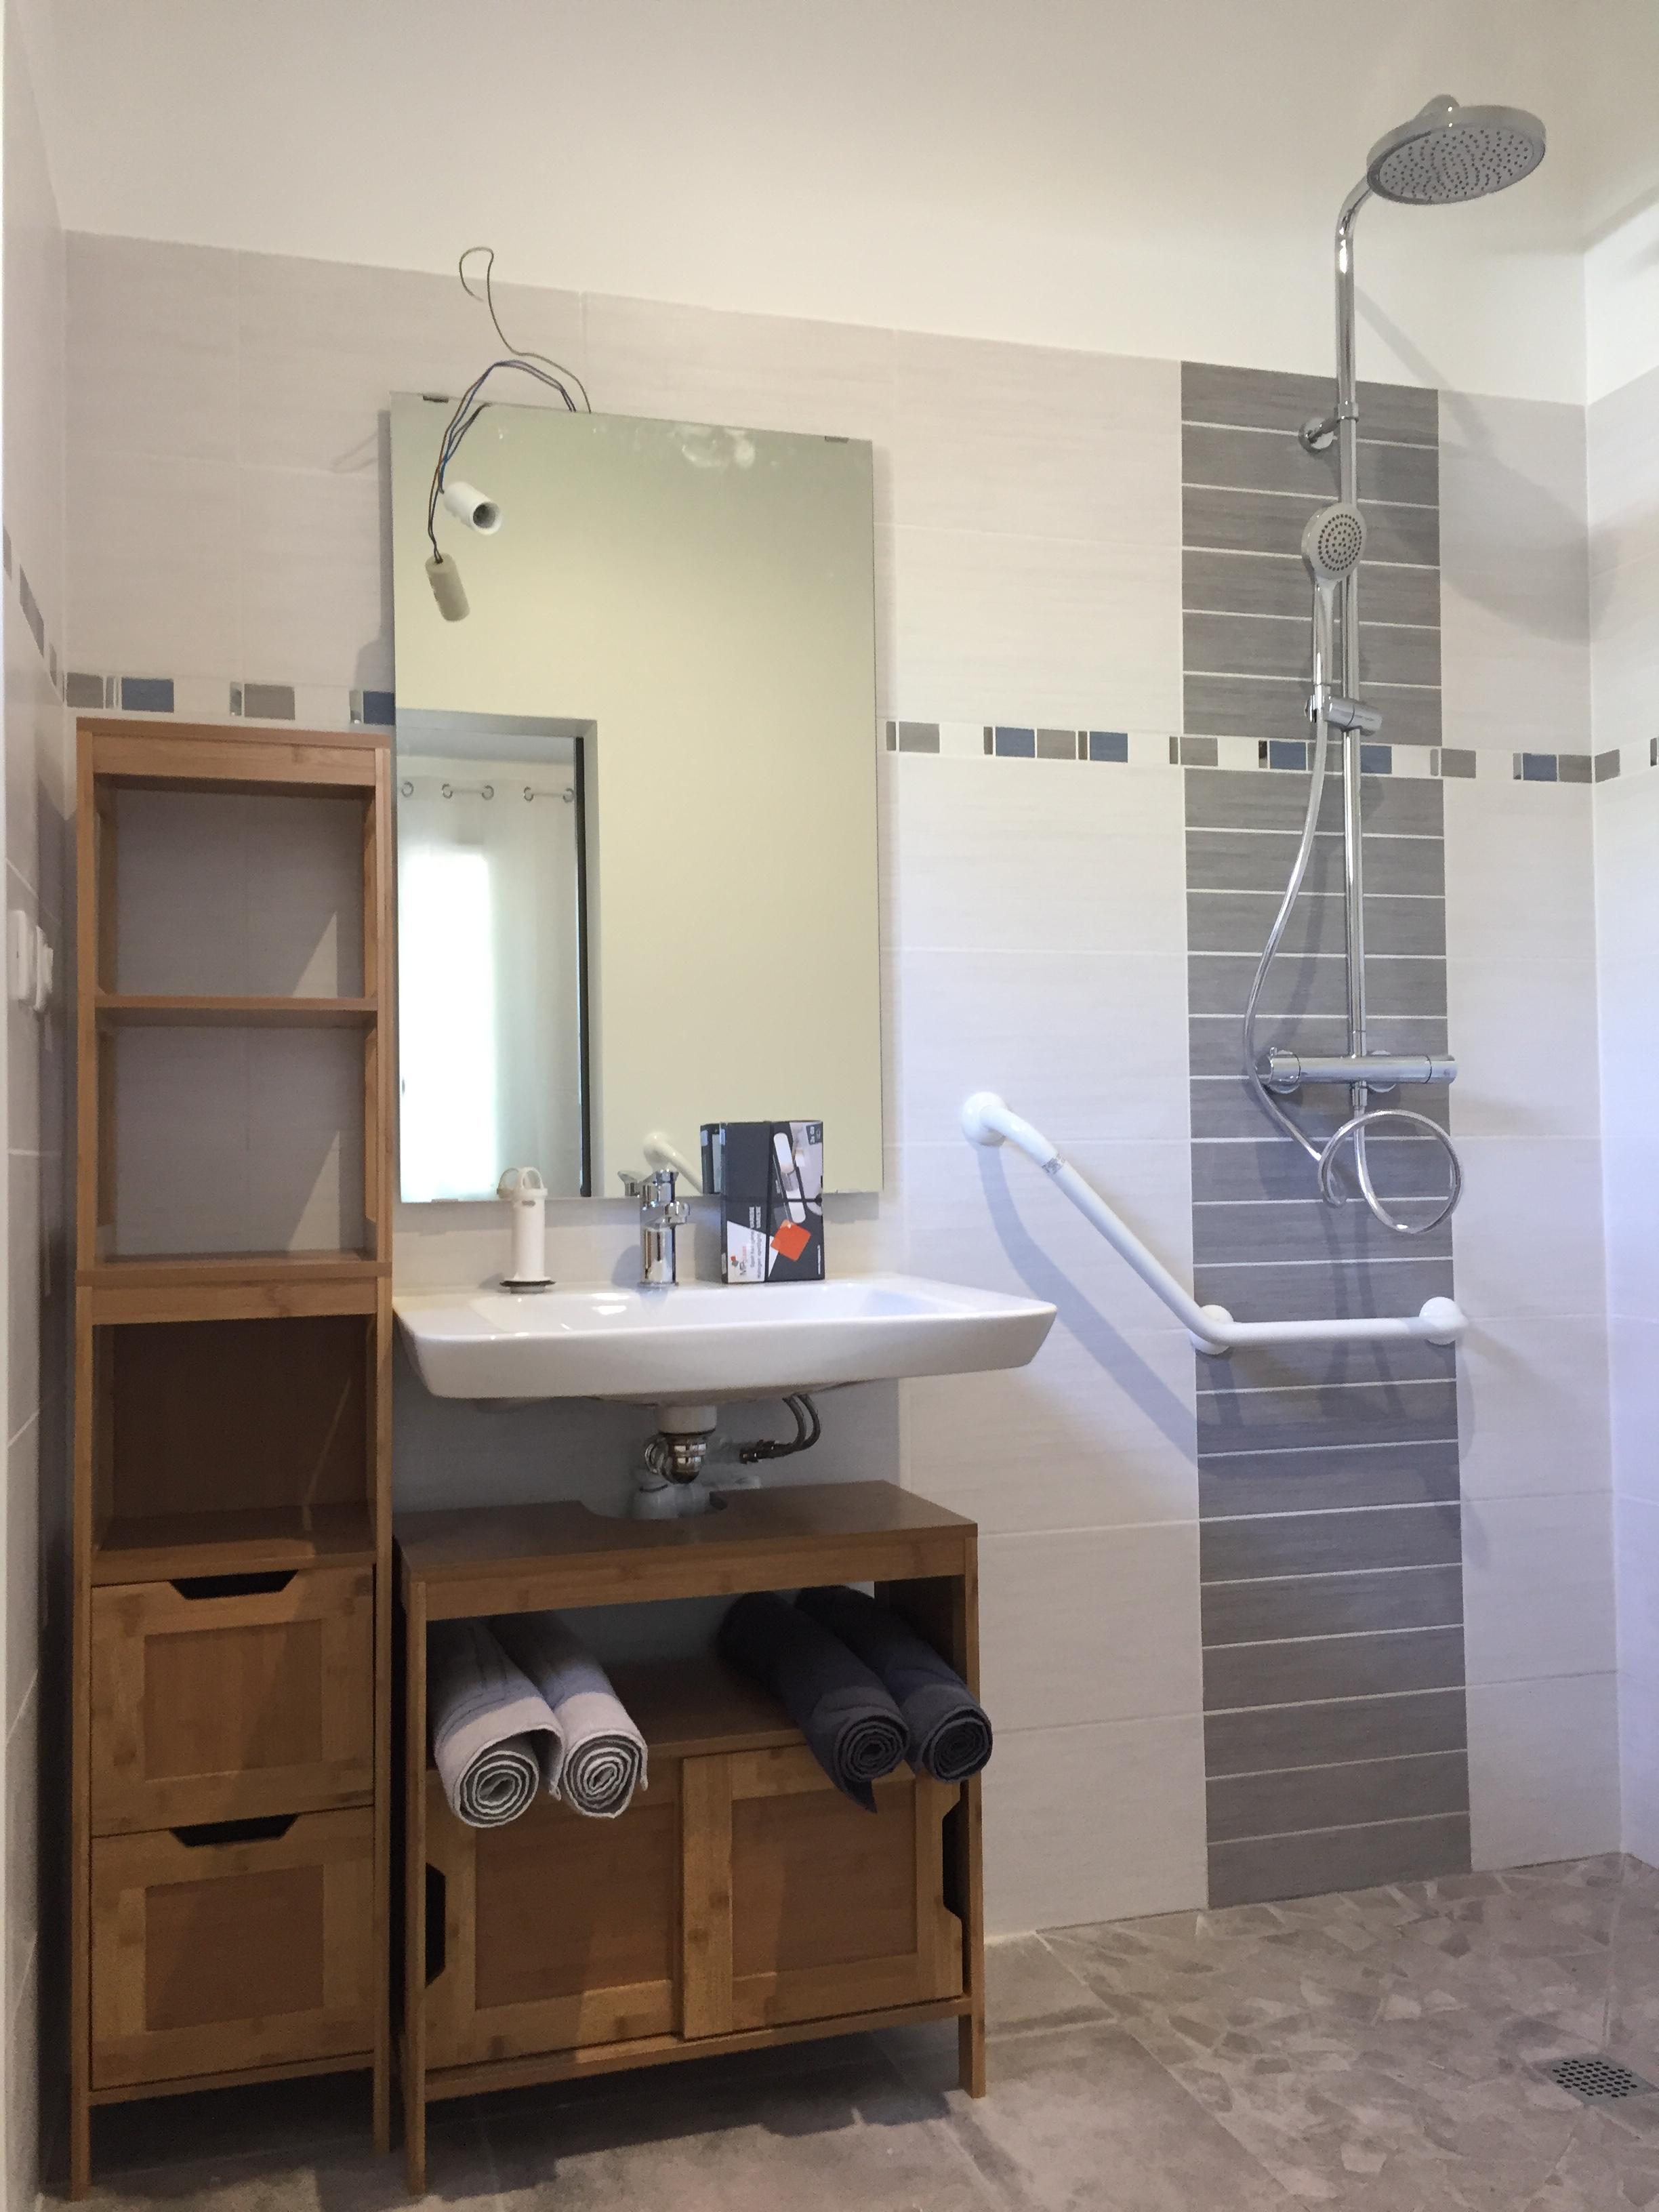 int rdc salle de douche et wc pmr portrait g te le clos meyval. Black Bedroom Furniture Sets. Home Design Ideas